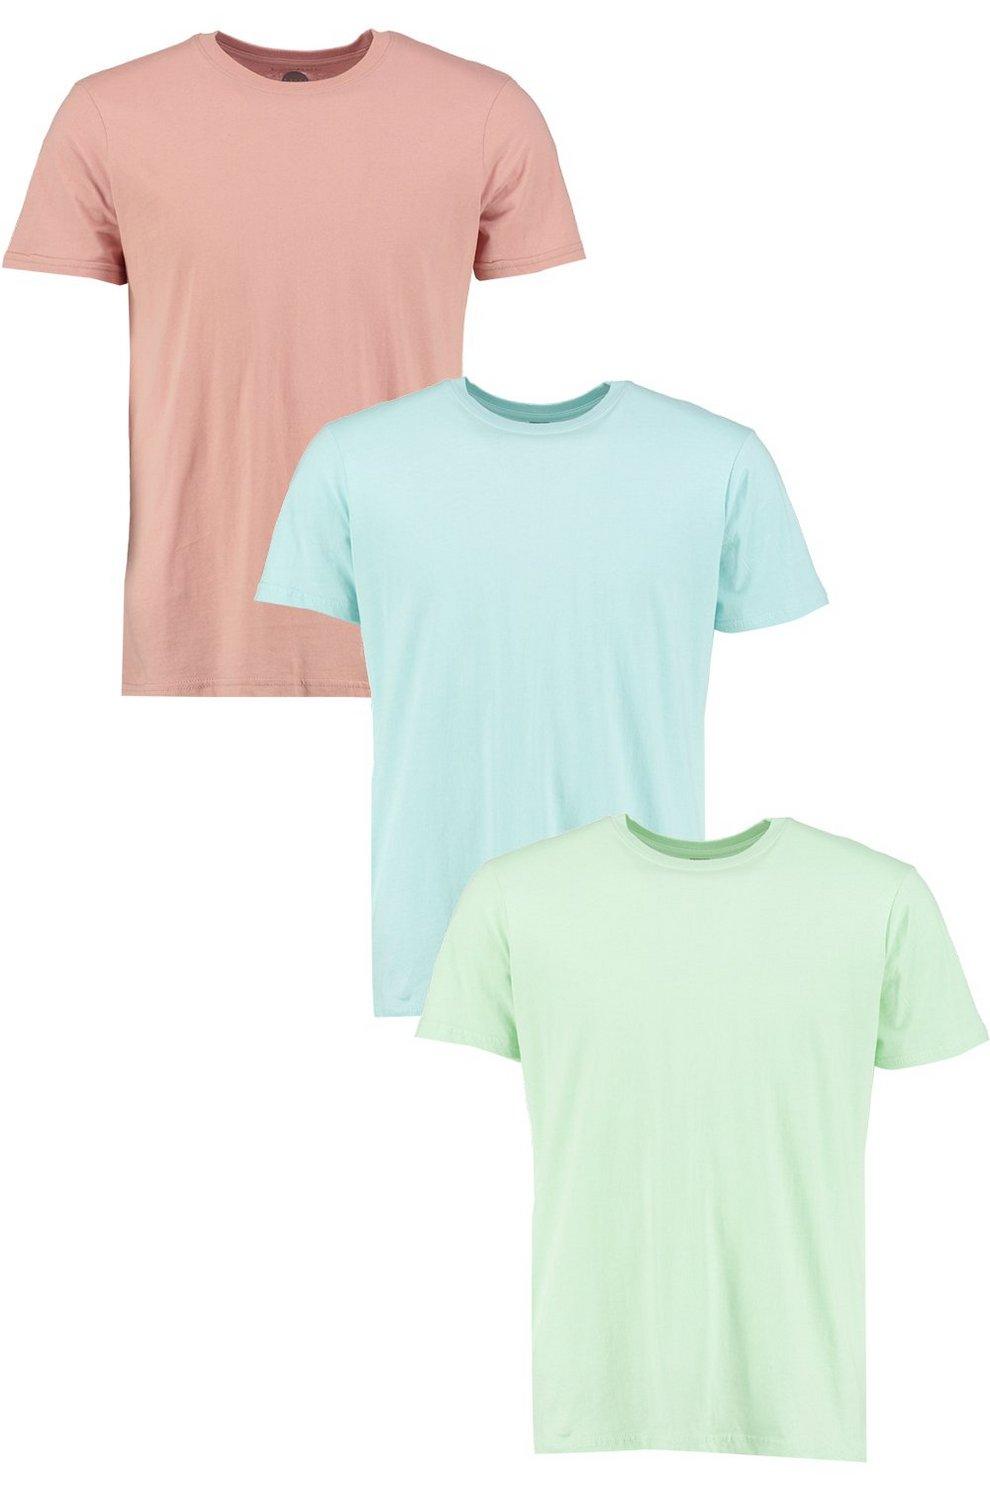 c644715c 3 Pack Plain T Shirts | Boohoo